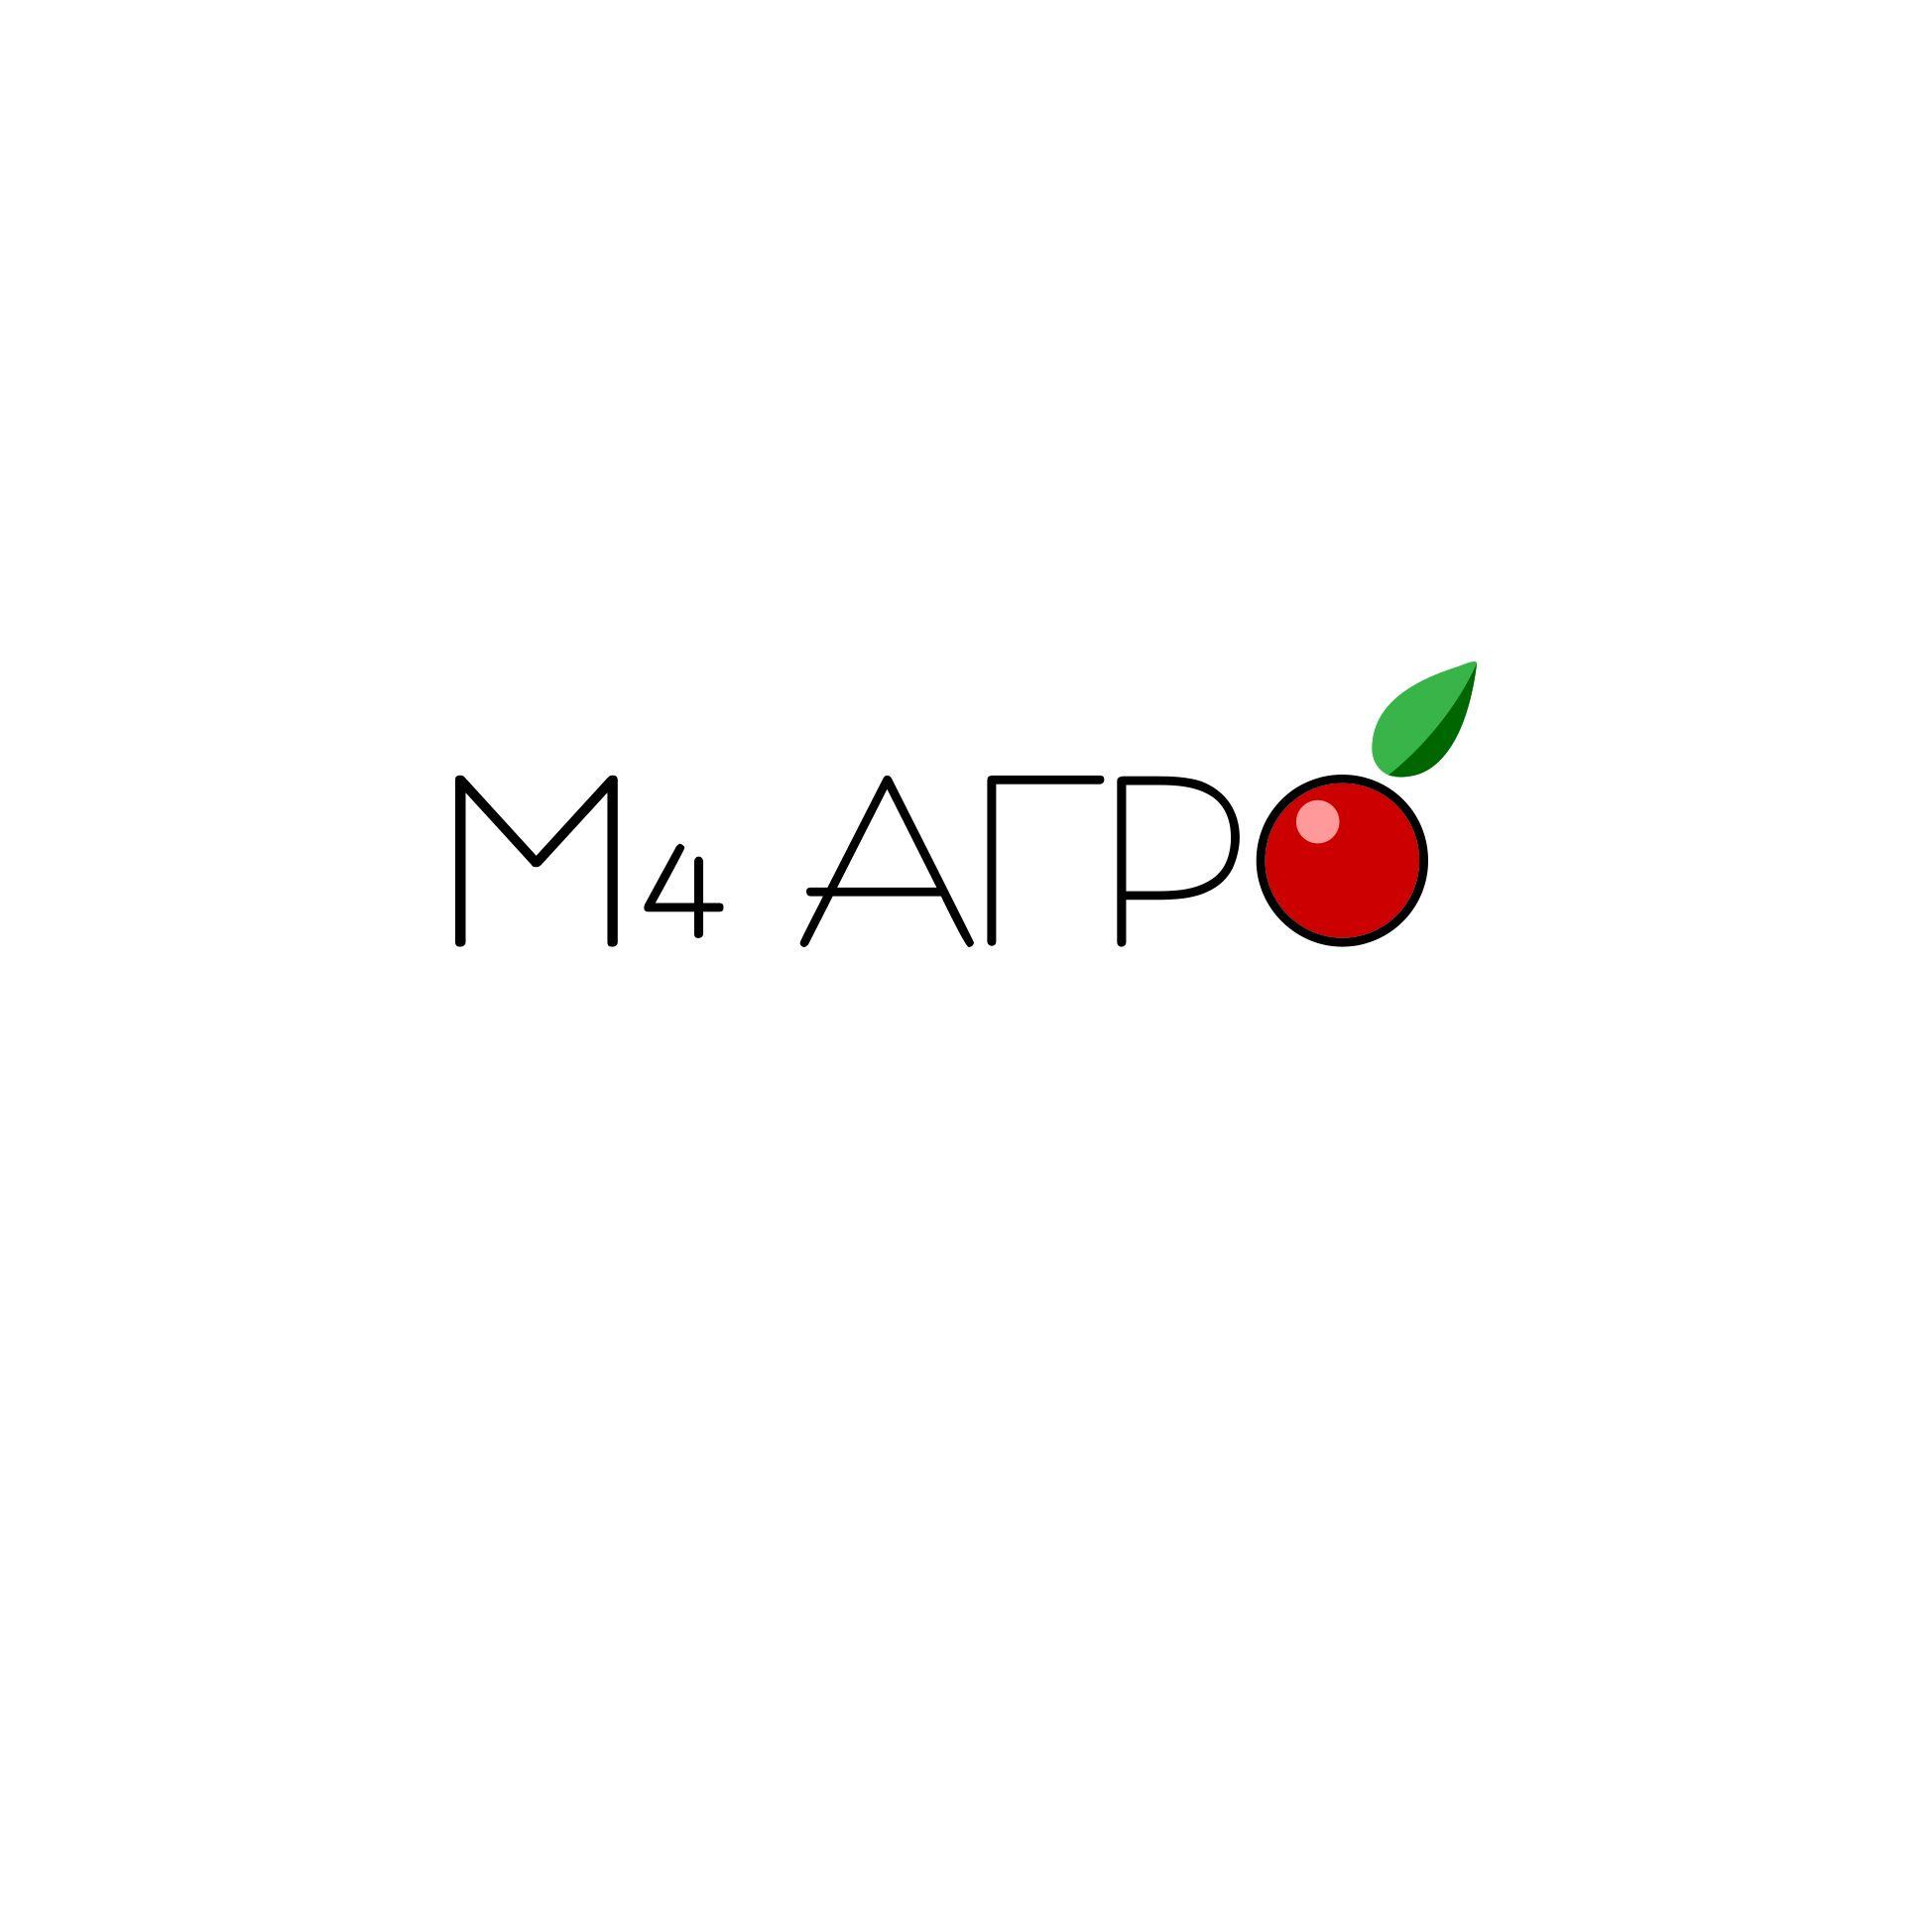 Логотип для M4 АГРО - Российские фрукты - дизайнер Gektor8